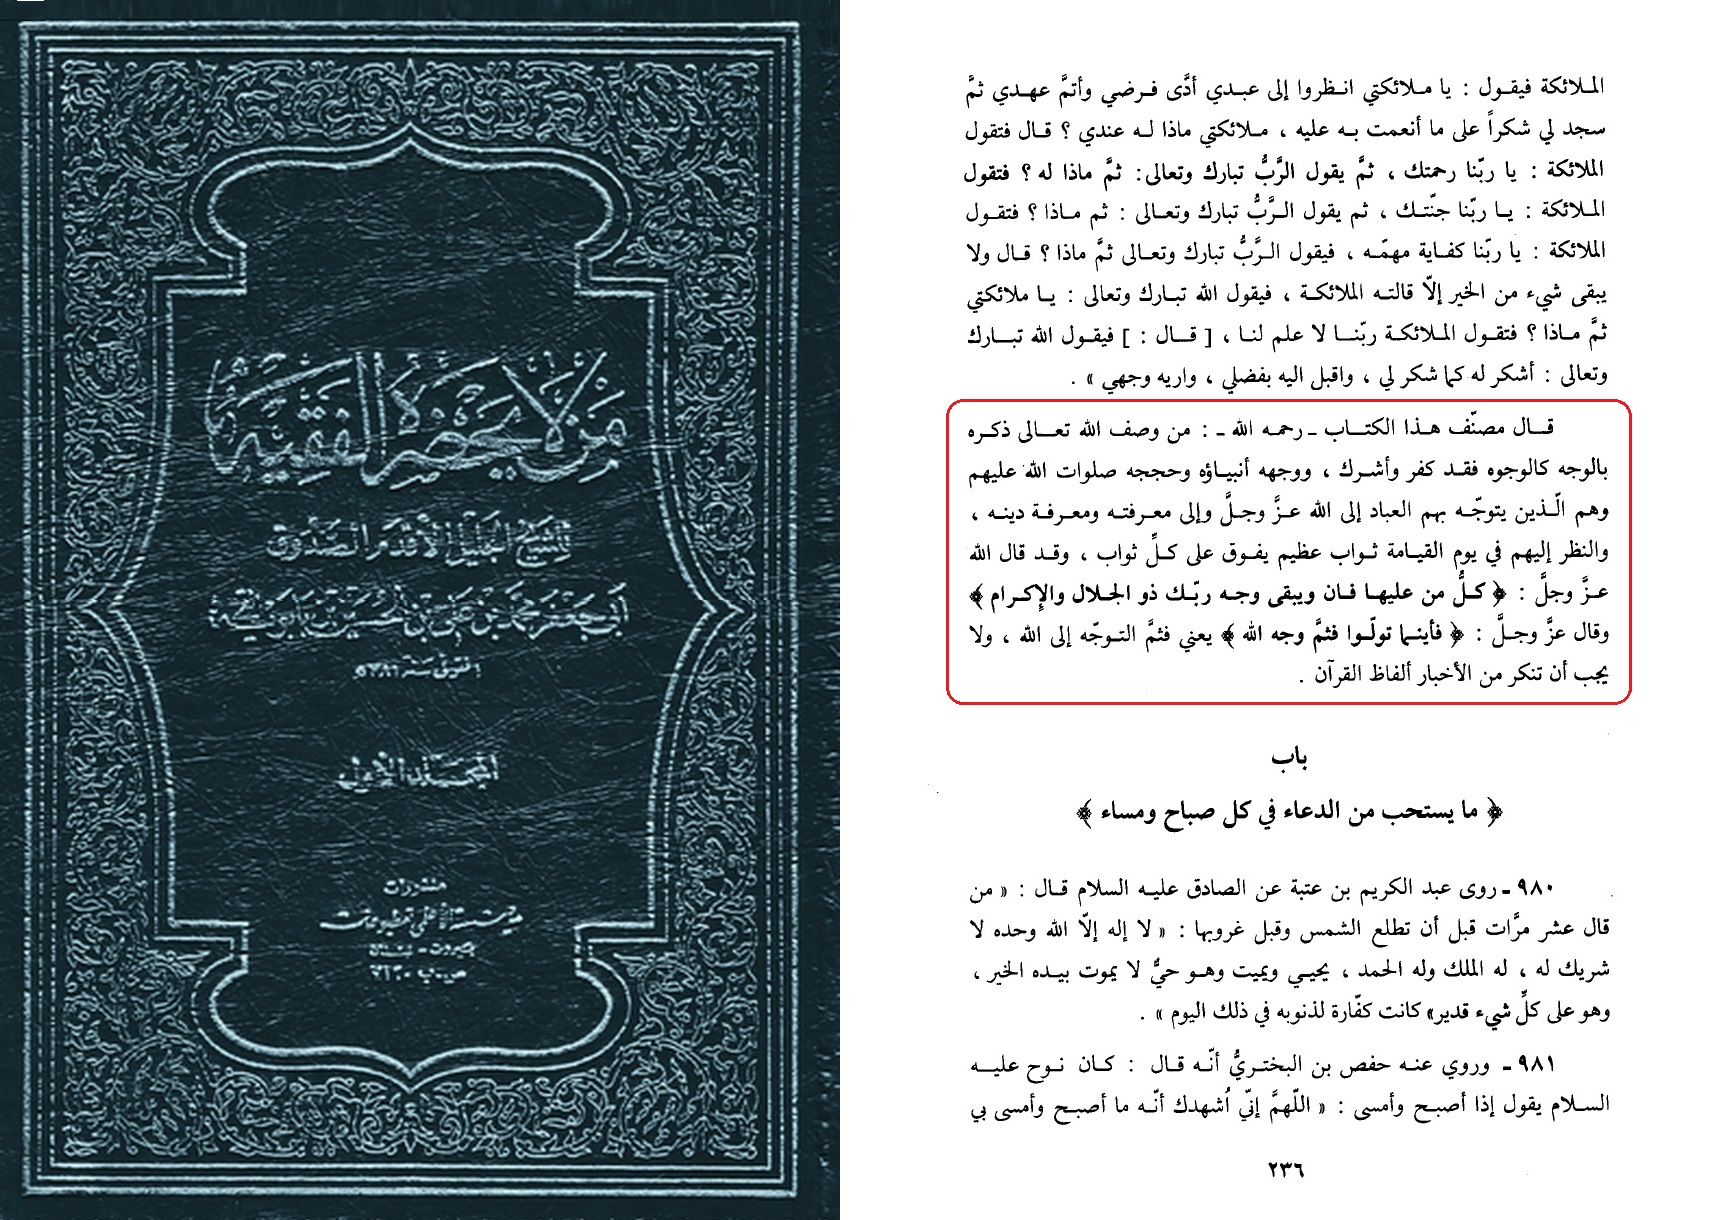 Faqih-e-Saduq B 1 S 236